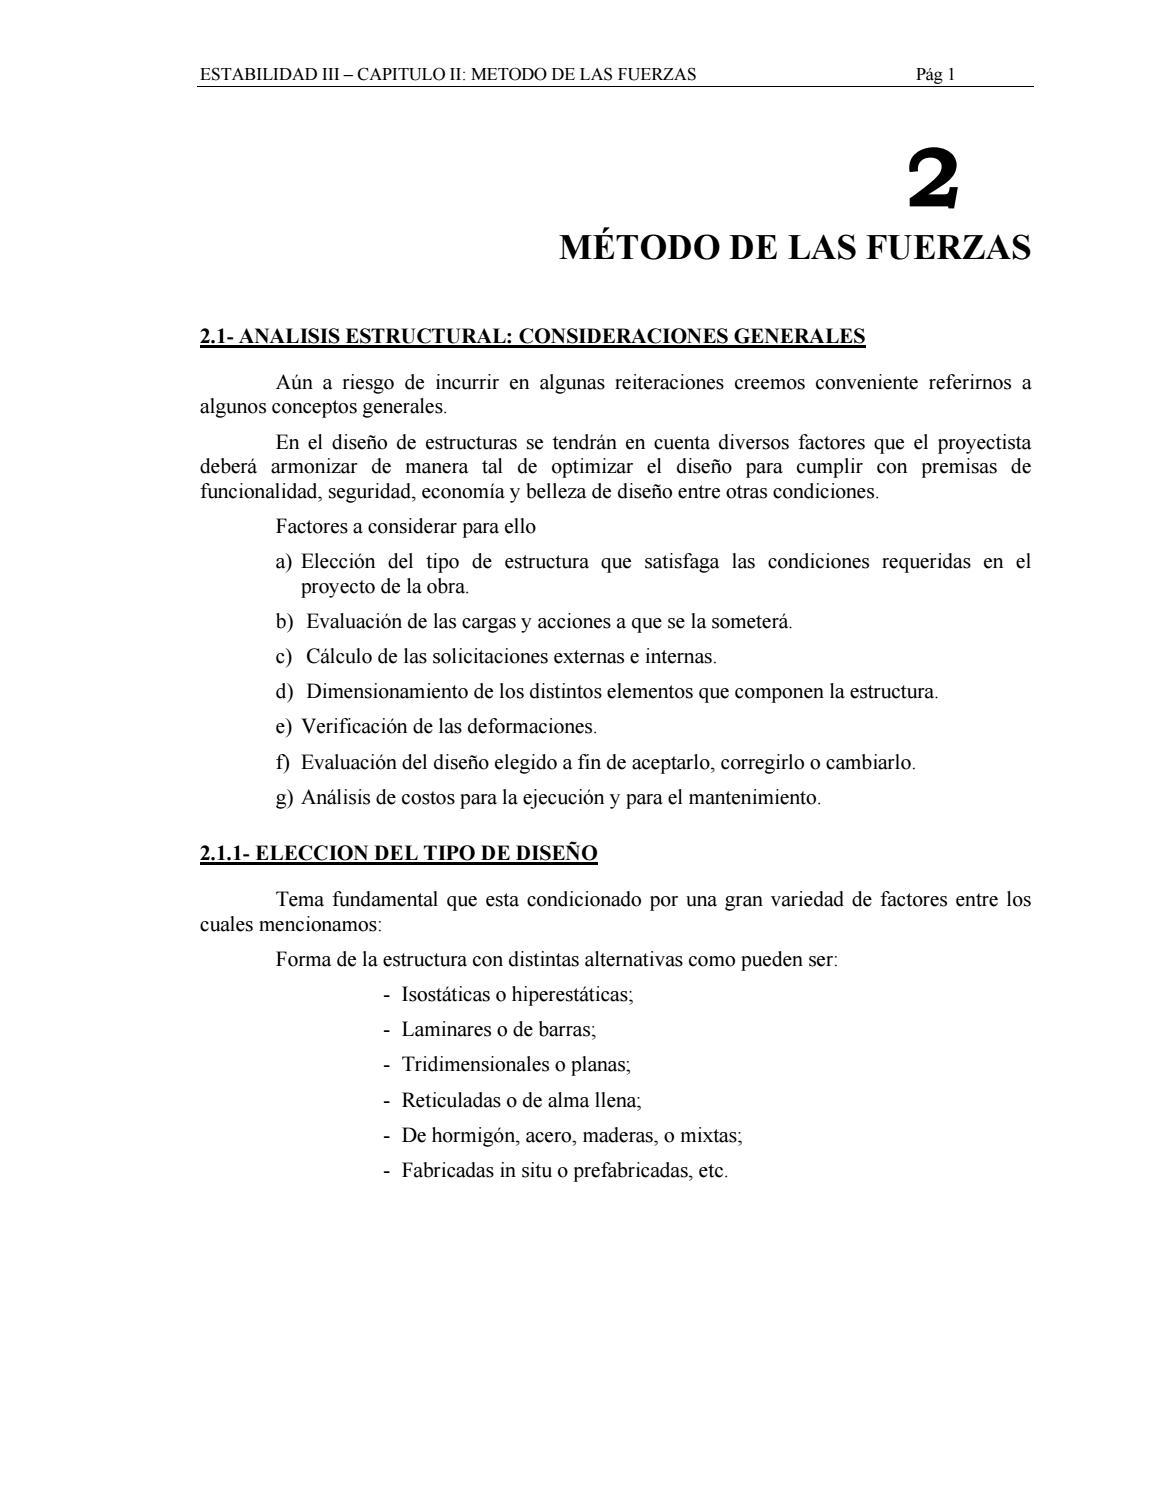 Metodo De Fuerzas By Juan Rojas Issuu